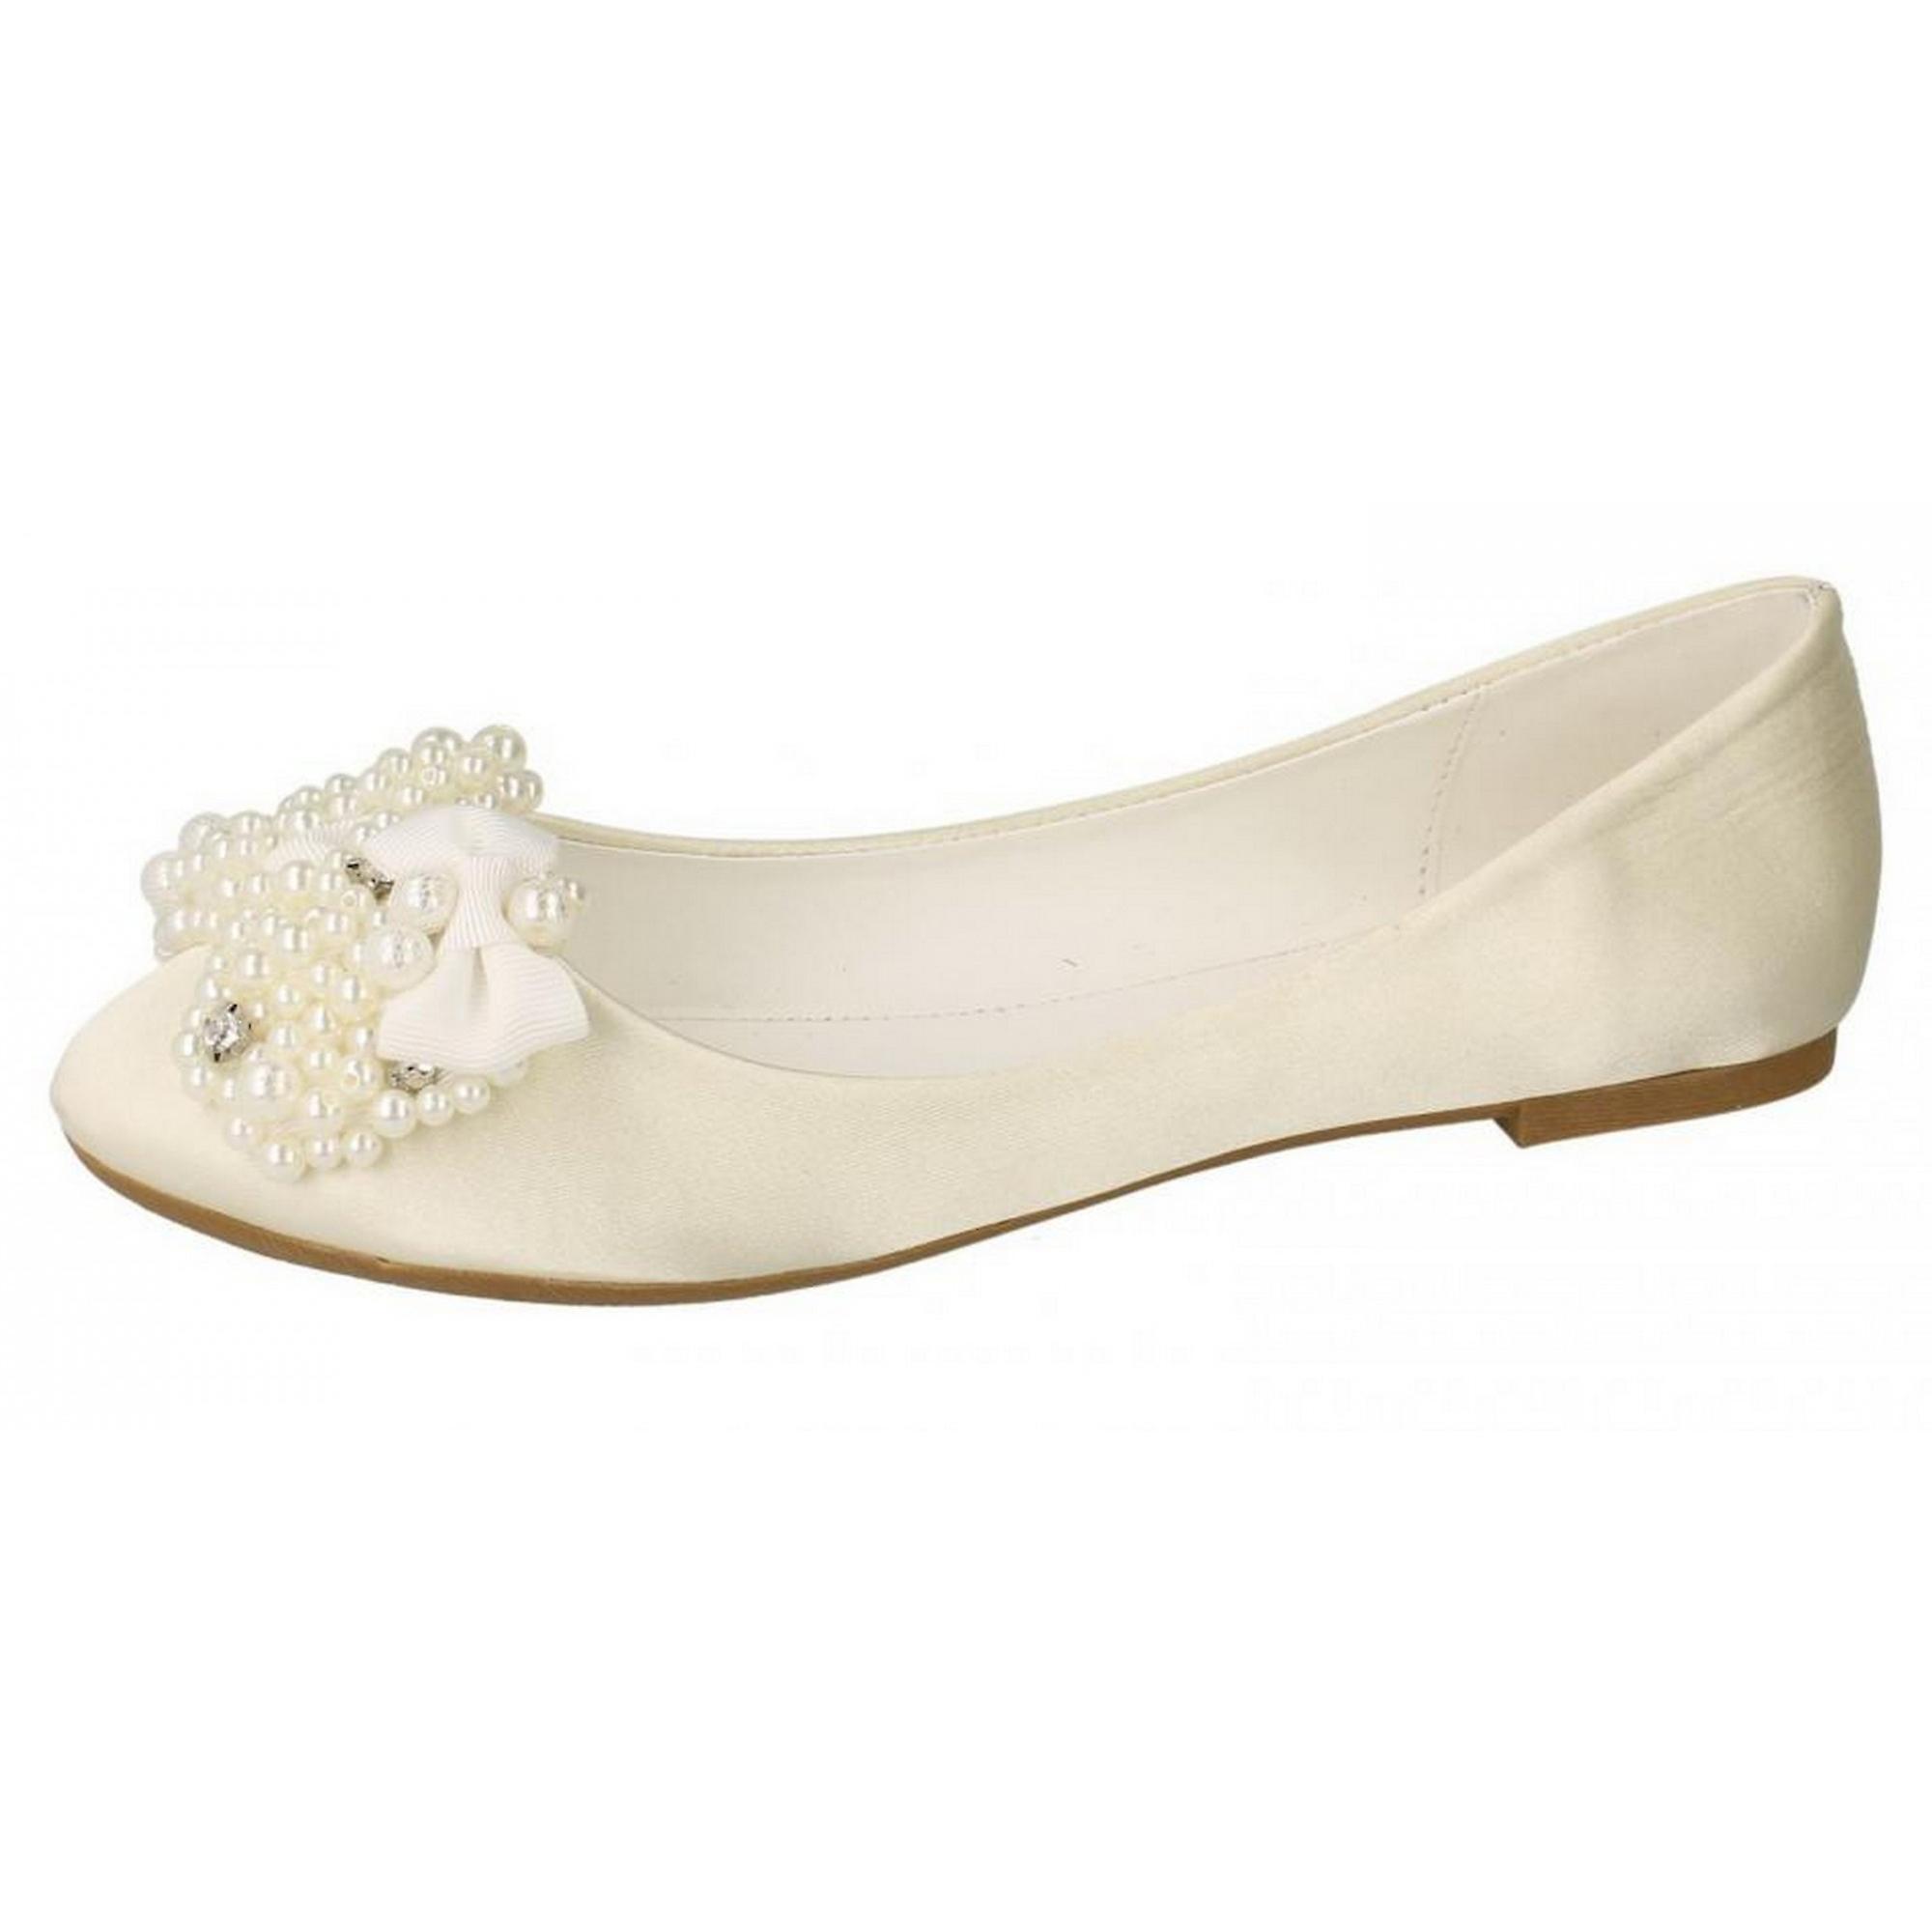 save off 0f072 b4dd2 Fleck auf Damen/Damen flache Ballerina Brautschuhe mit Perlen Bogen